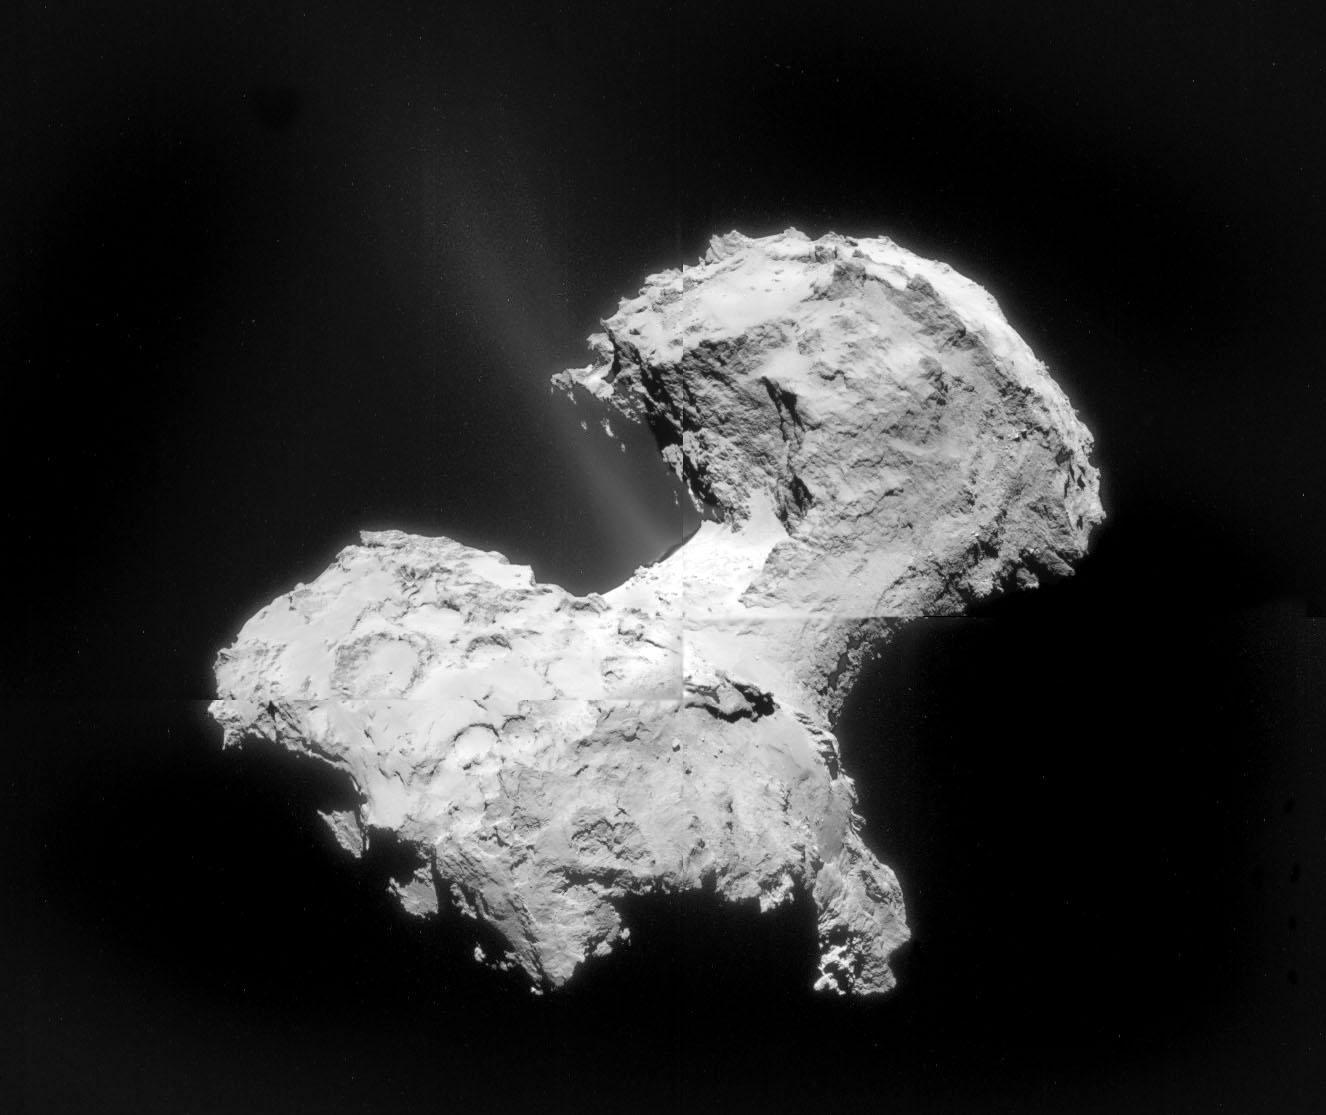 تصویری از فواره و بلورهای یخ که همراه با غبار از دنباله دار پی۶٧به فضا پاشیده می شود.